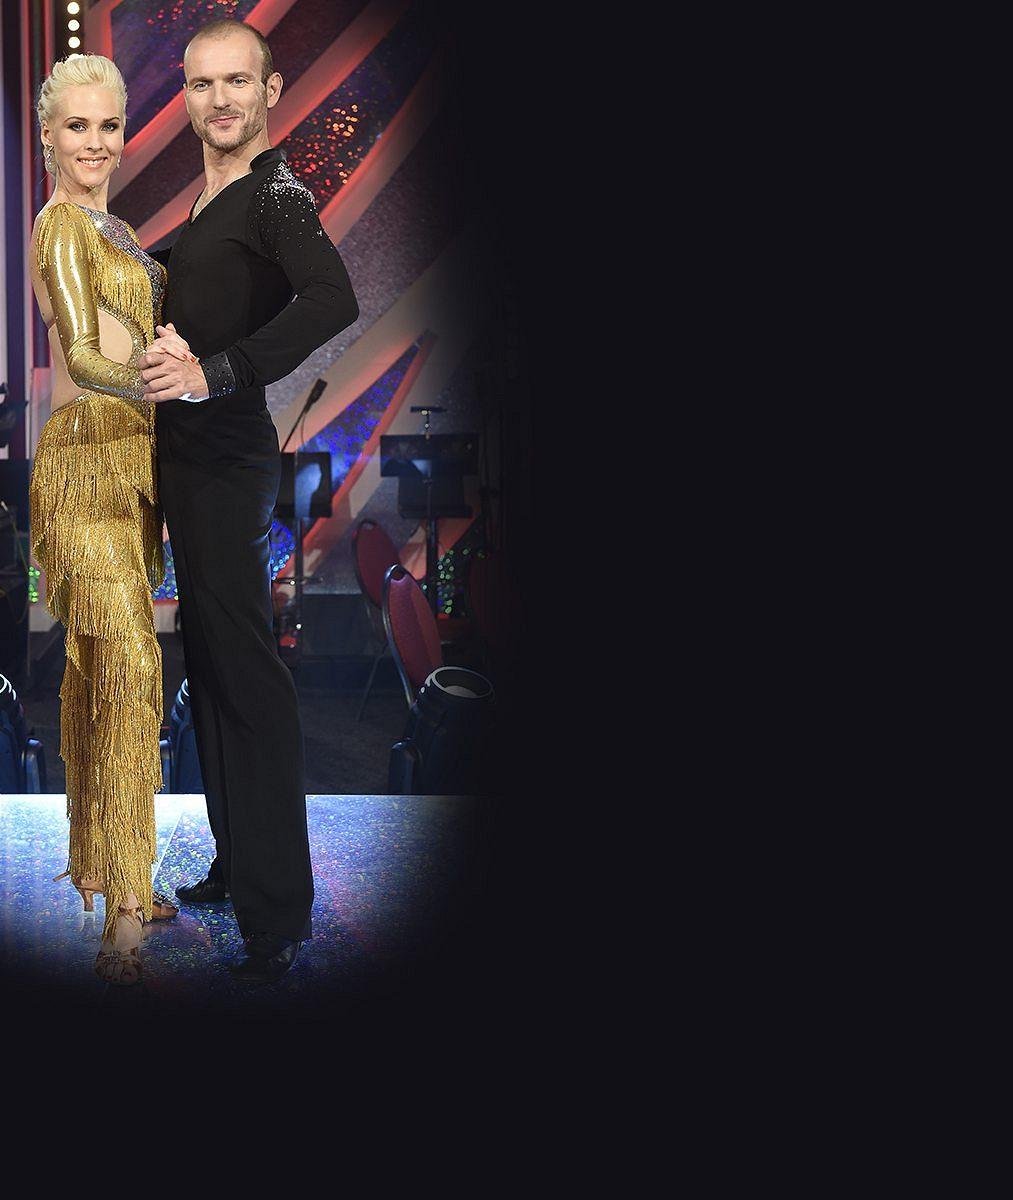 StarDance opustili Gondík se Stodůlkovou: Podívejte se na jejich výkon při božské cha-che